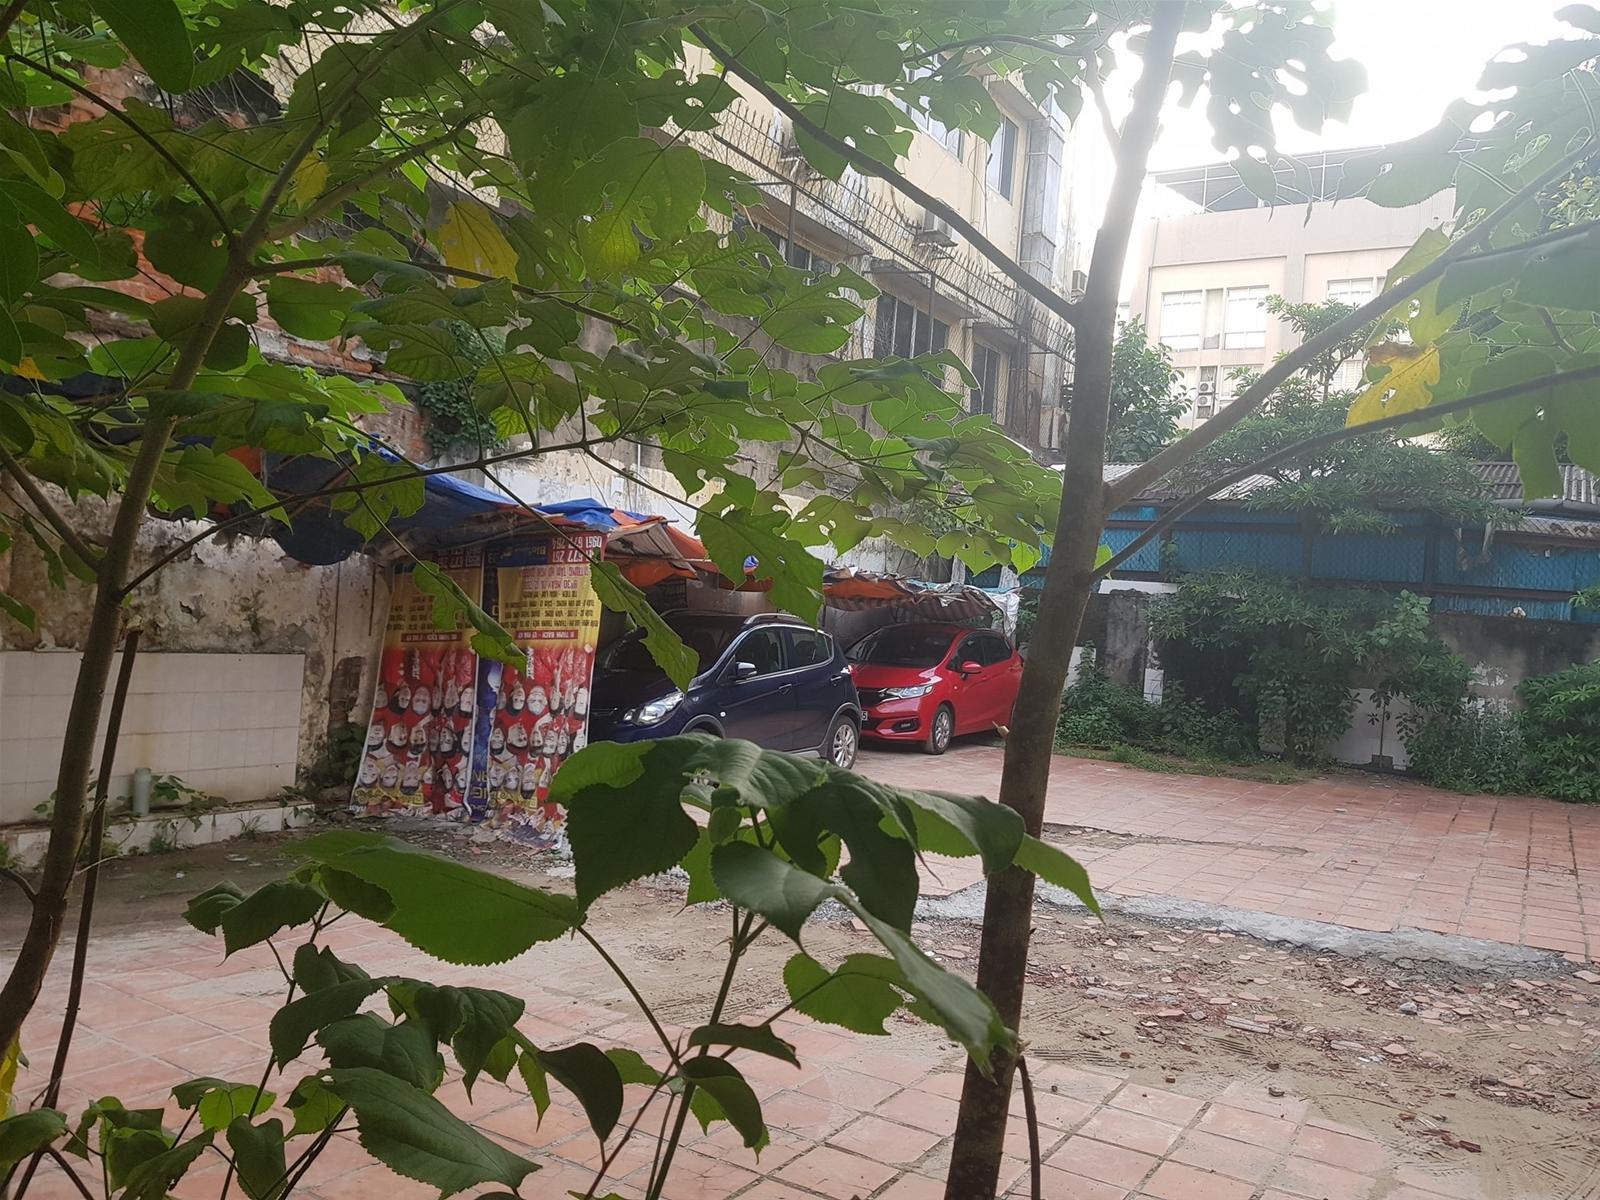 Khu đất 22 Phan Bội Châu lại biến thành bãi trông xe, có bảo vệ trông nom và sau khi xe ra vào đều được khóa cửa cẩn thận, kiên cố.